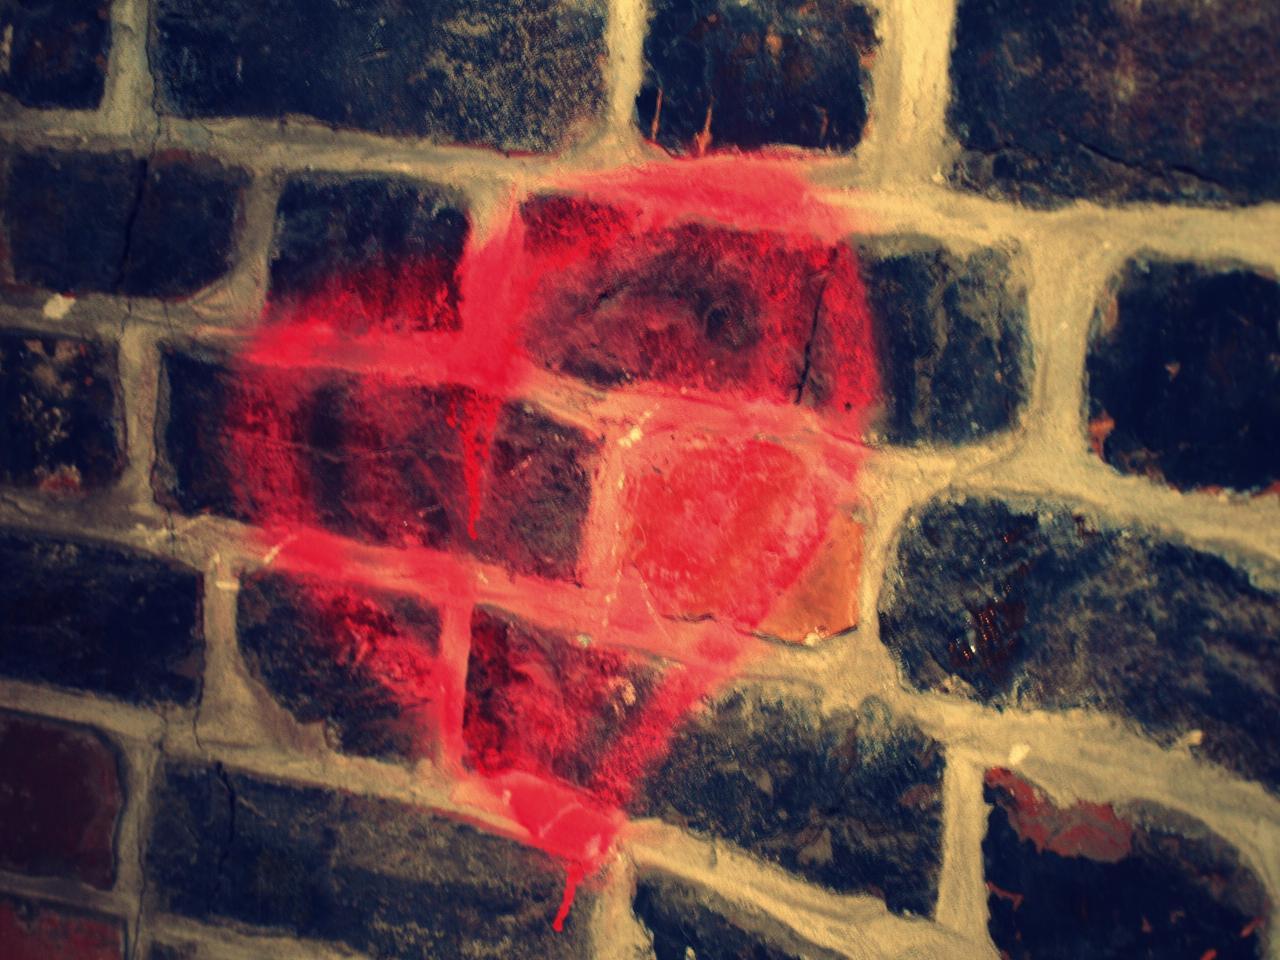 Brick wall, bulk heart